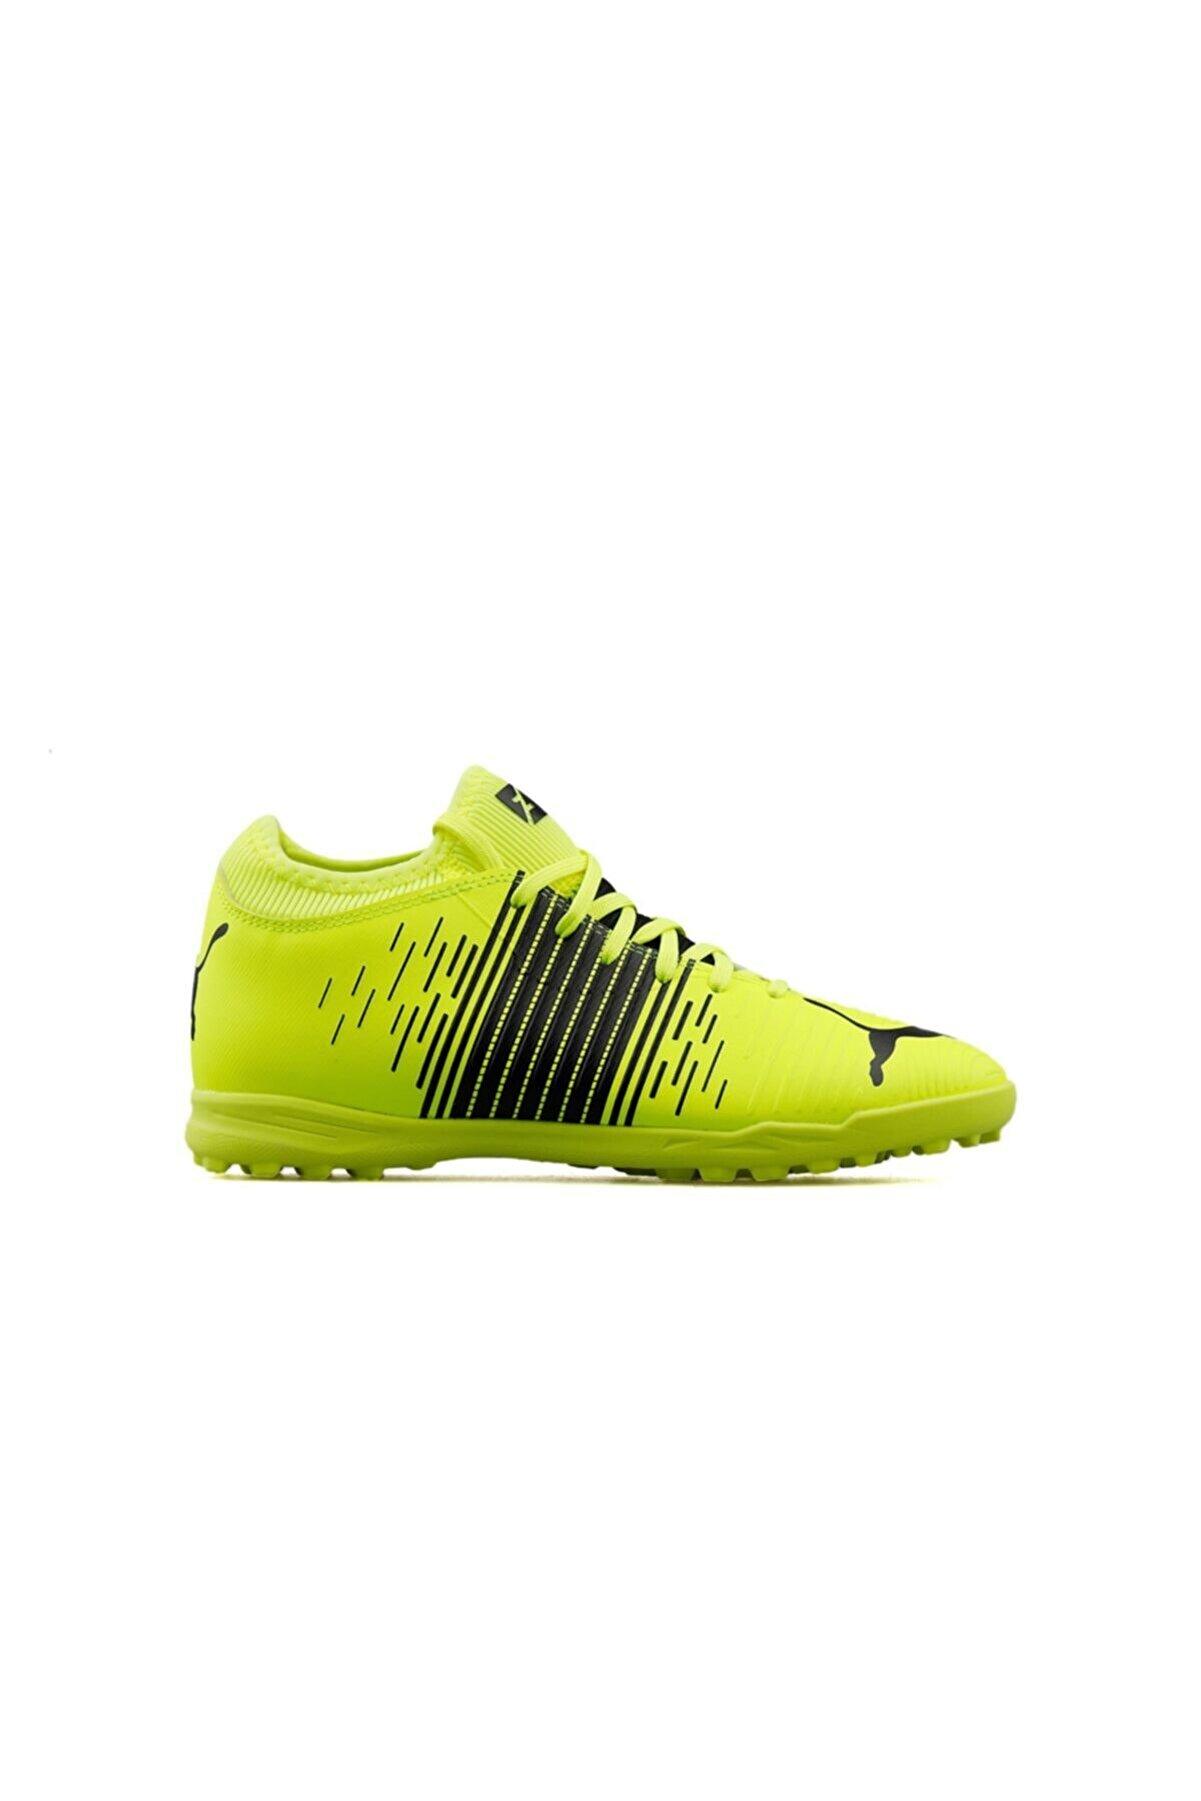 Puma Future Z 4.1 Tt Jr Çocuk Halı Saha Ayakkabısı 10640301 Yeşil